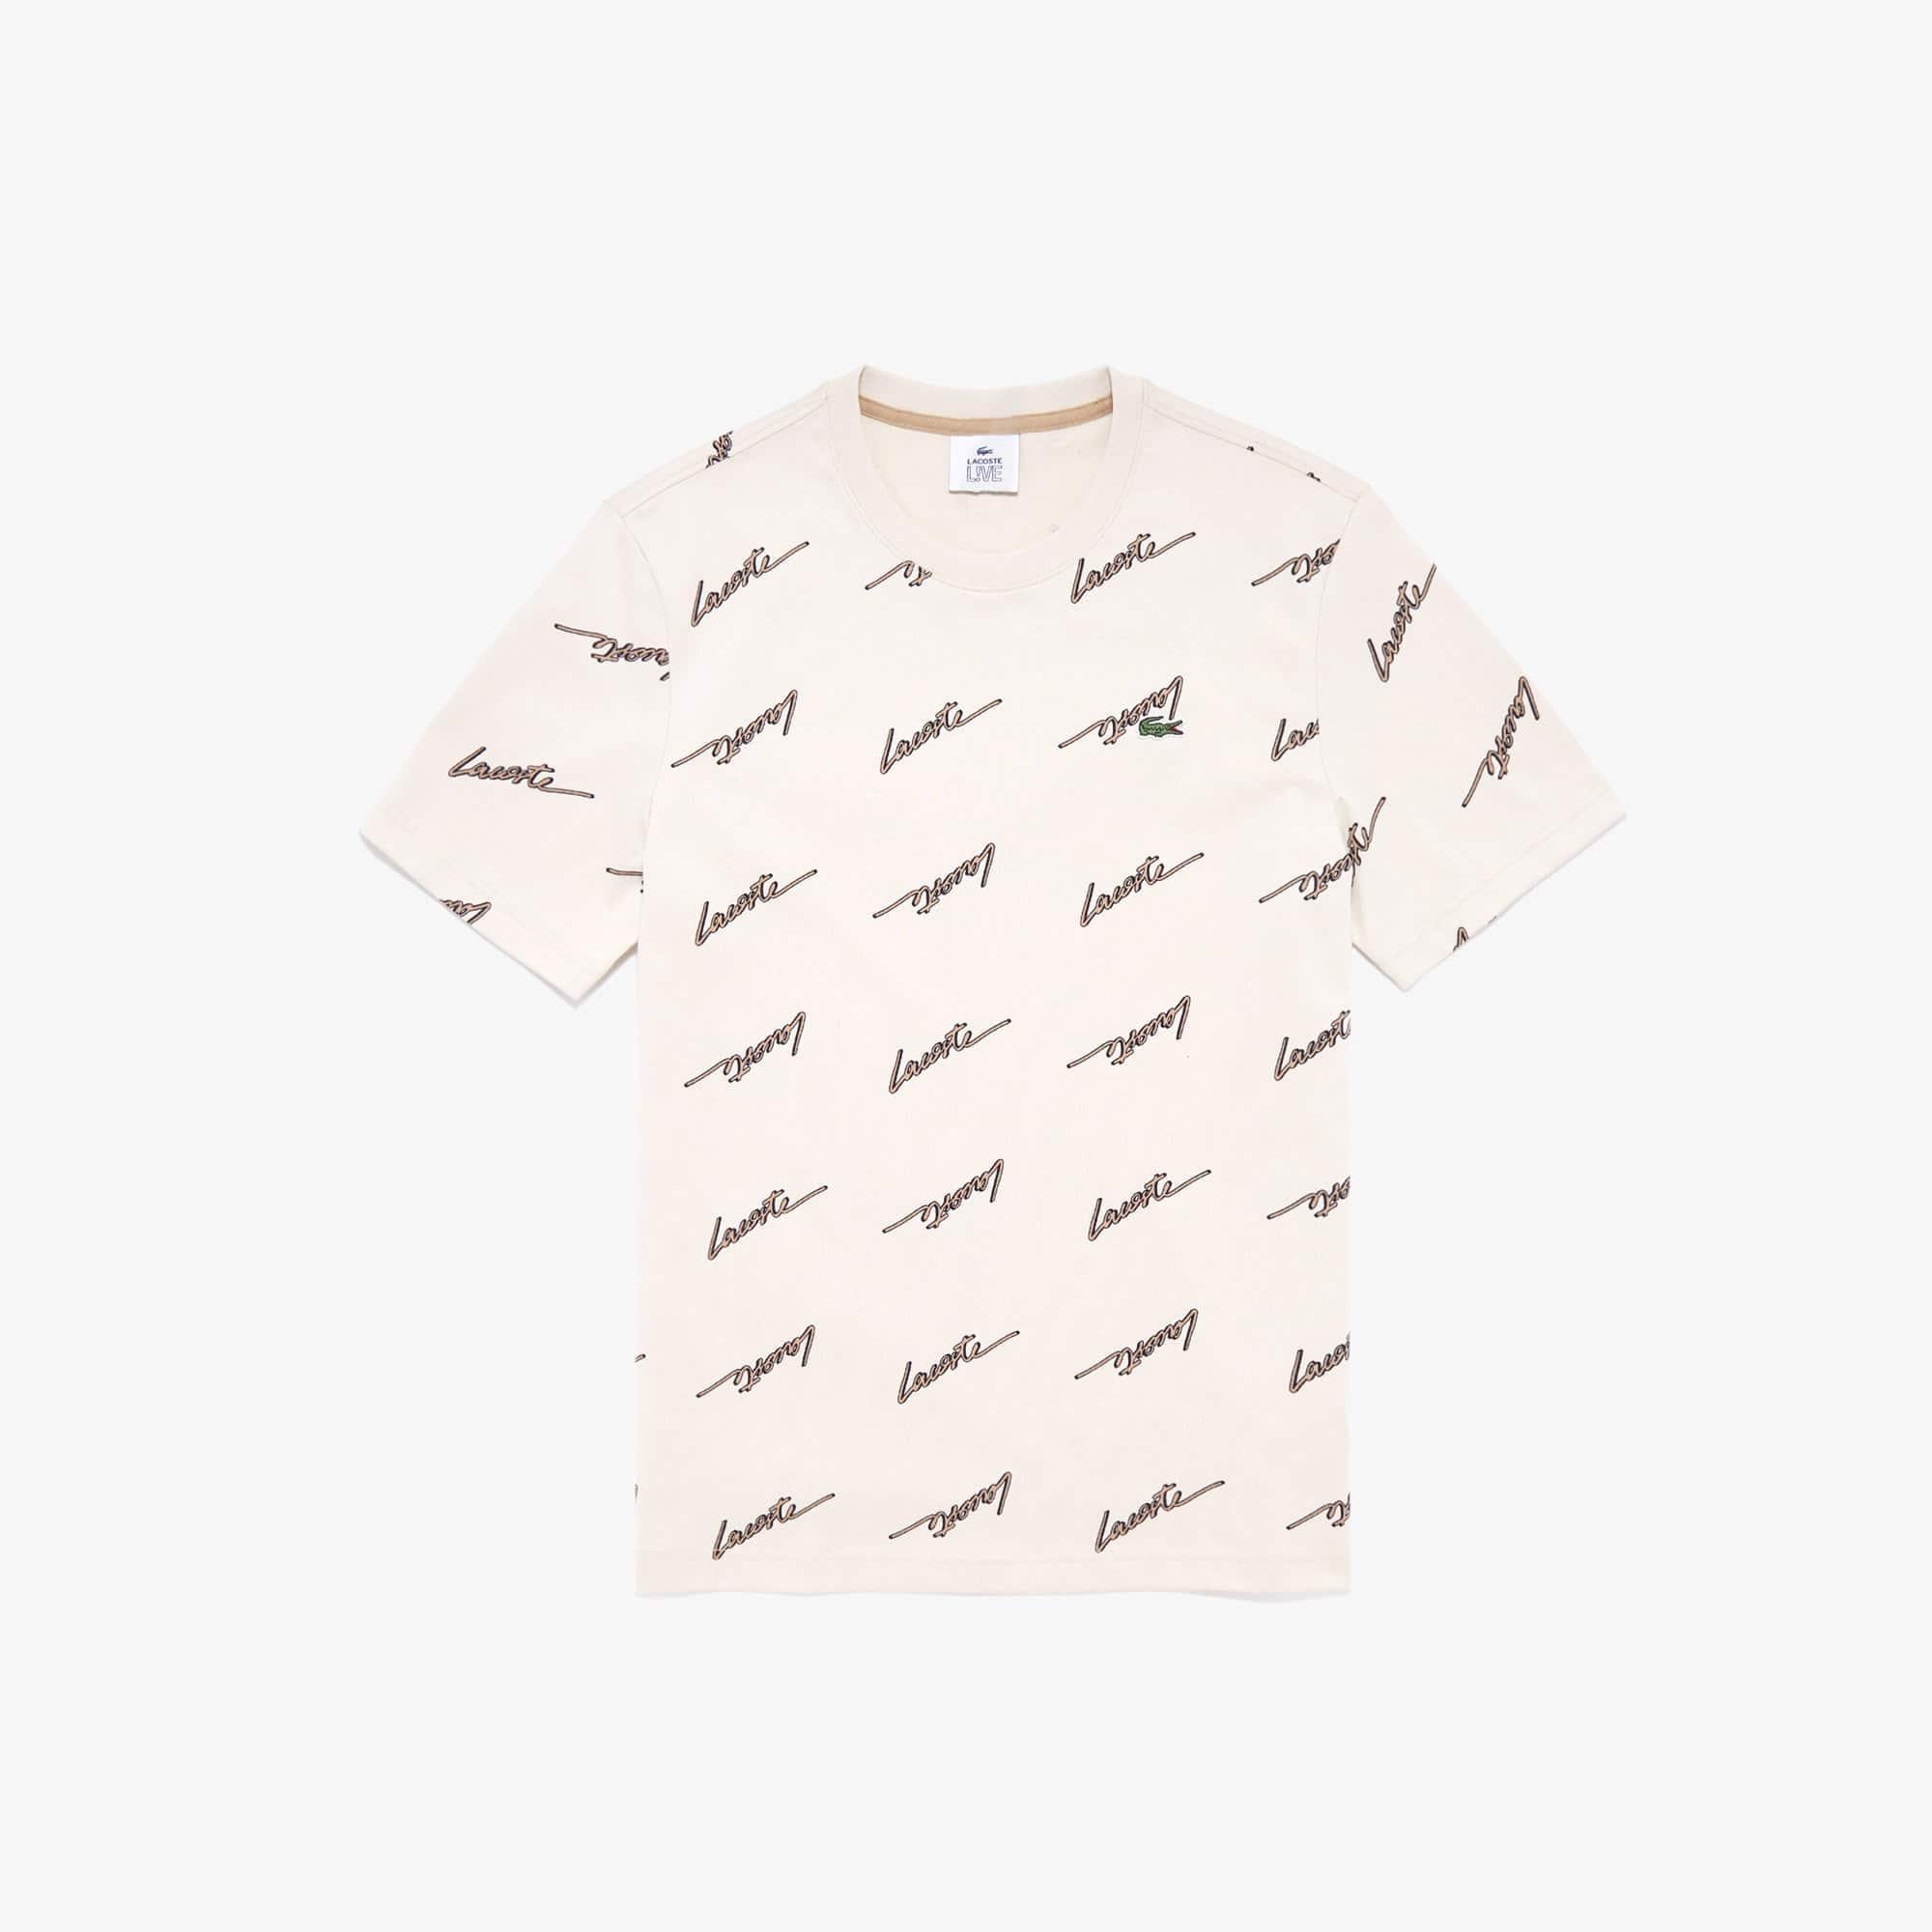 2XL Lacoste Live Signature Cotton T-Shirt # TH8100 51 KBR Black Men SZ M